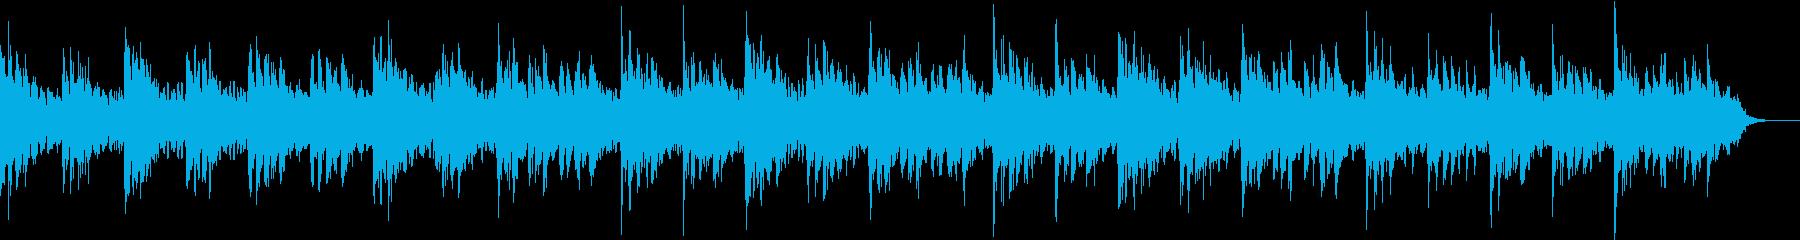 眠りやすい優しいサウンドの再生済みの波形